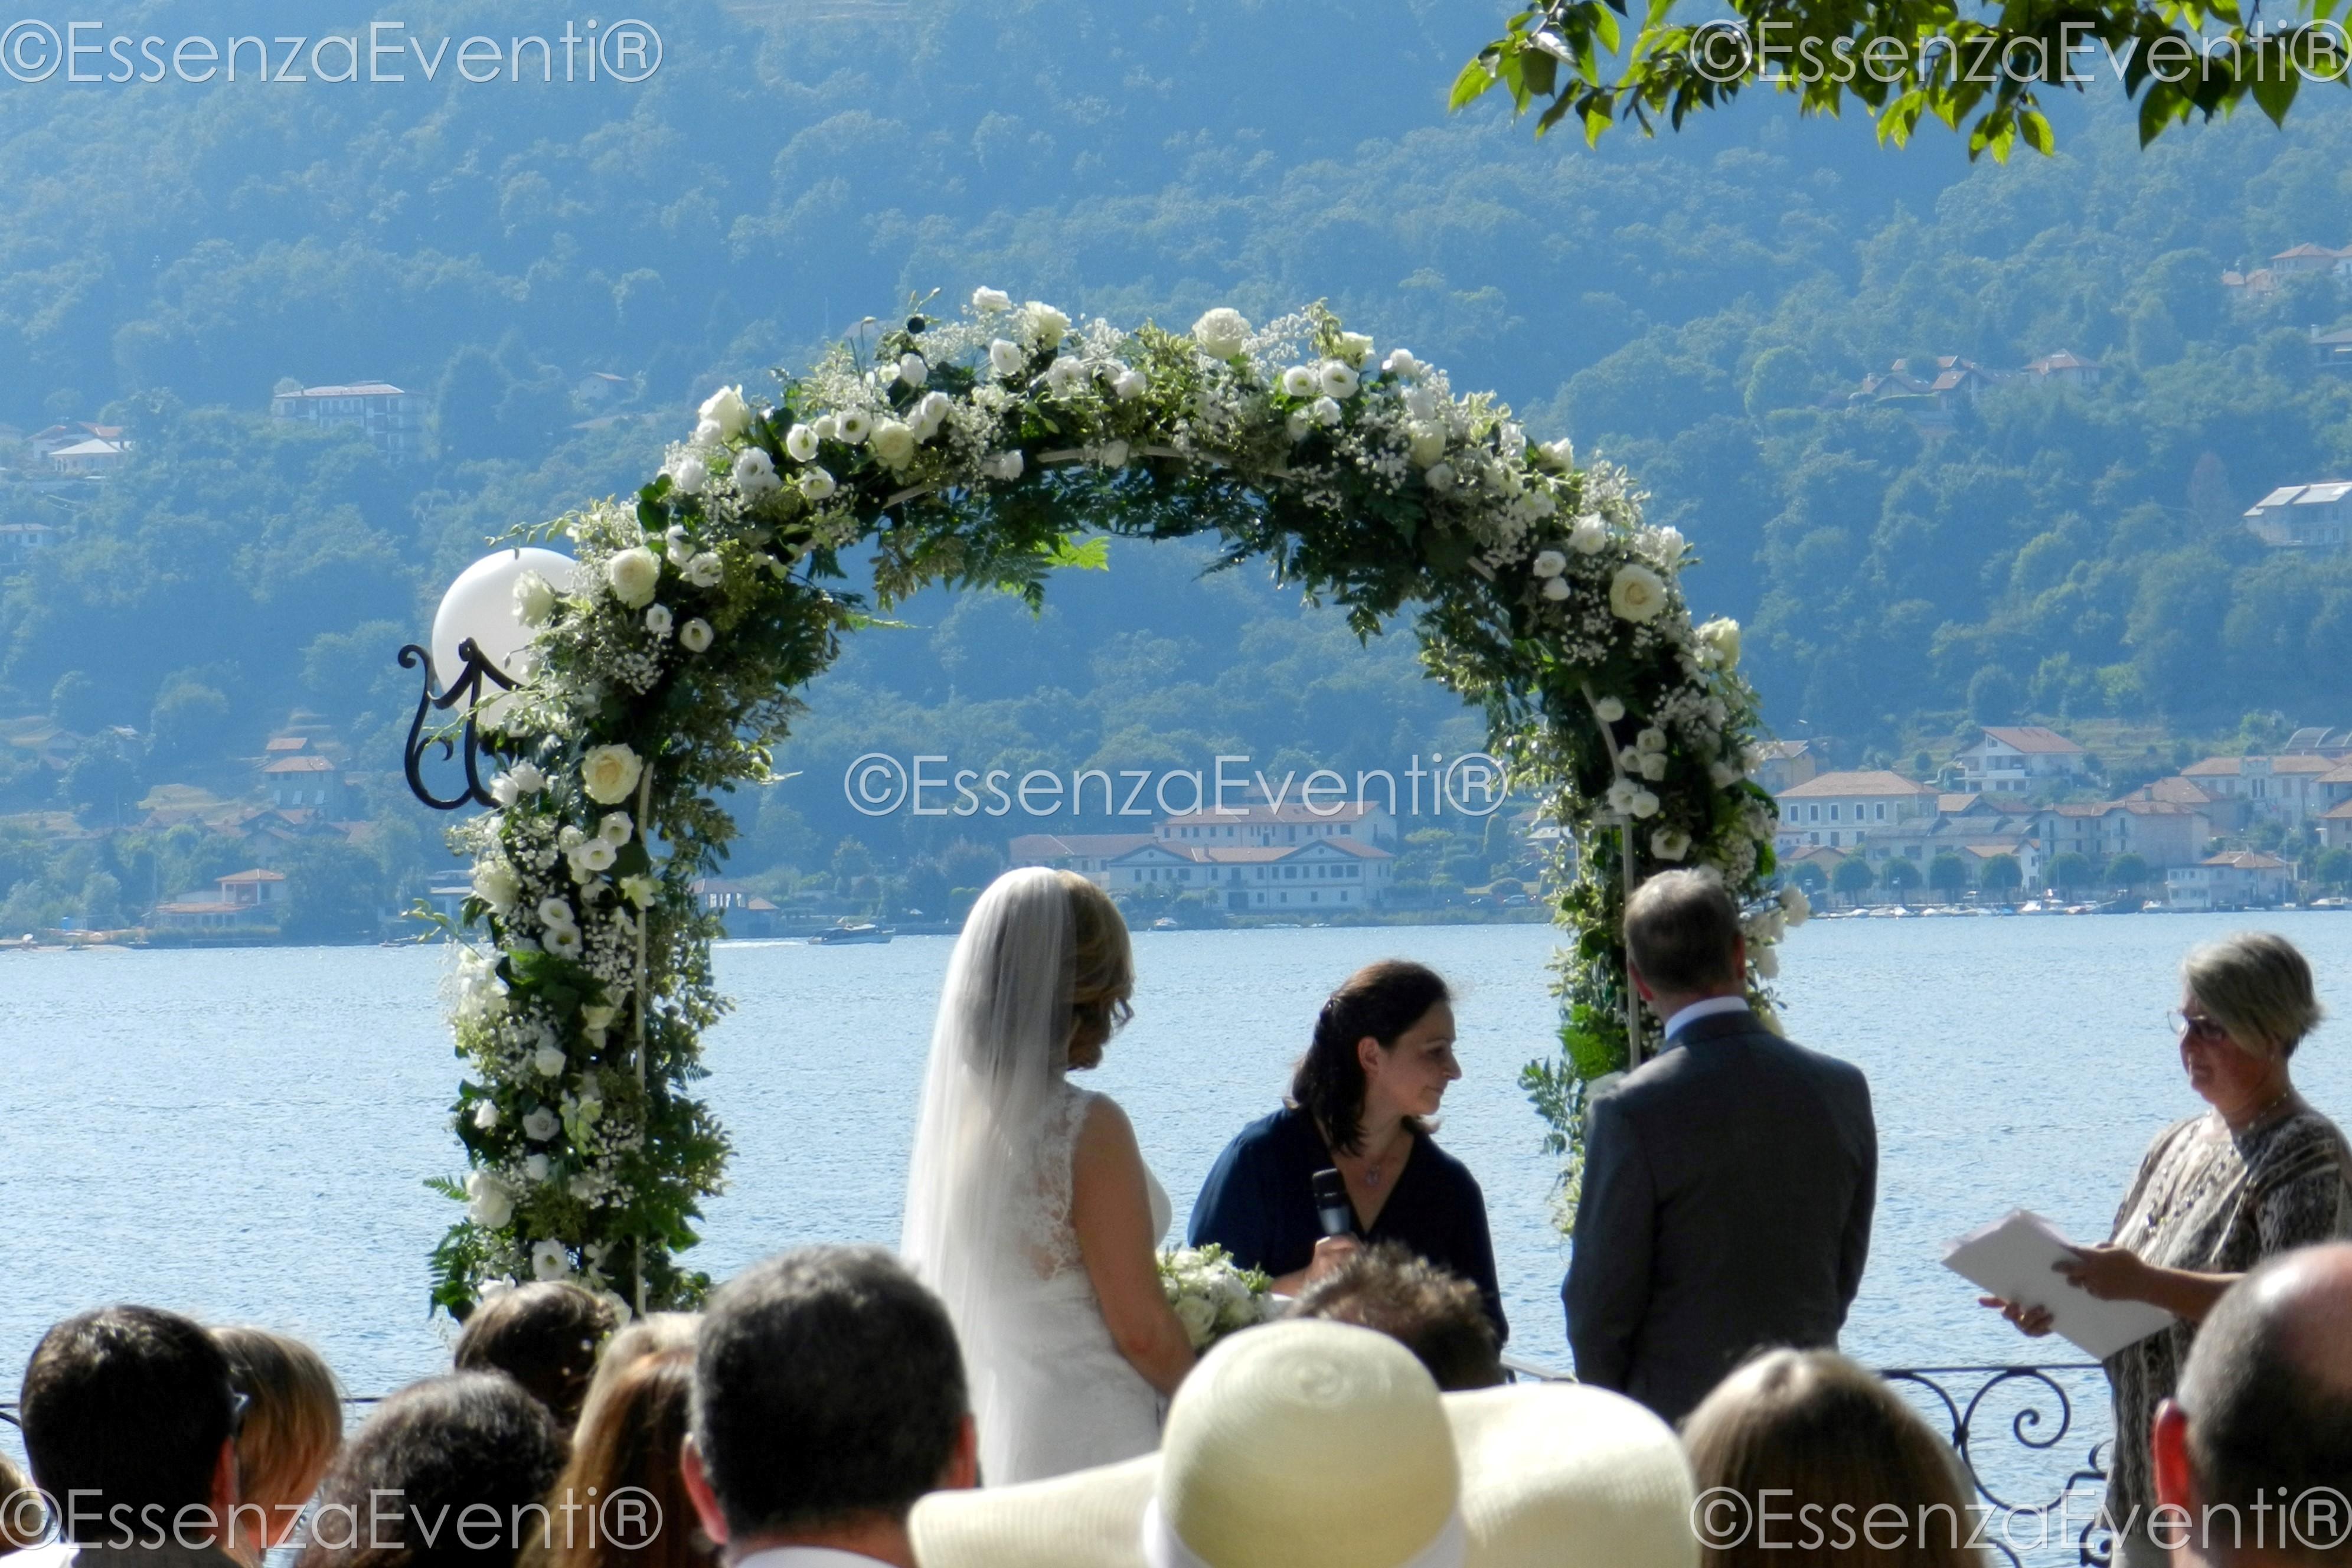 essenza-eventi-celebrant-symbolic-wedding-ceremony-lago-di-orta-5